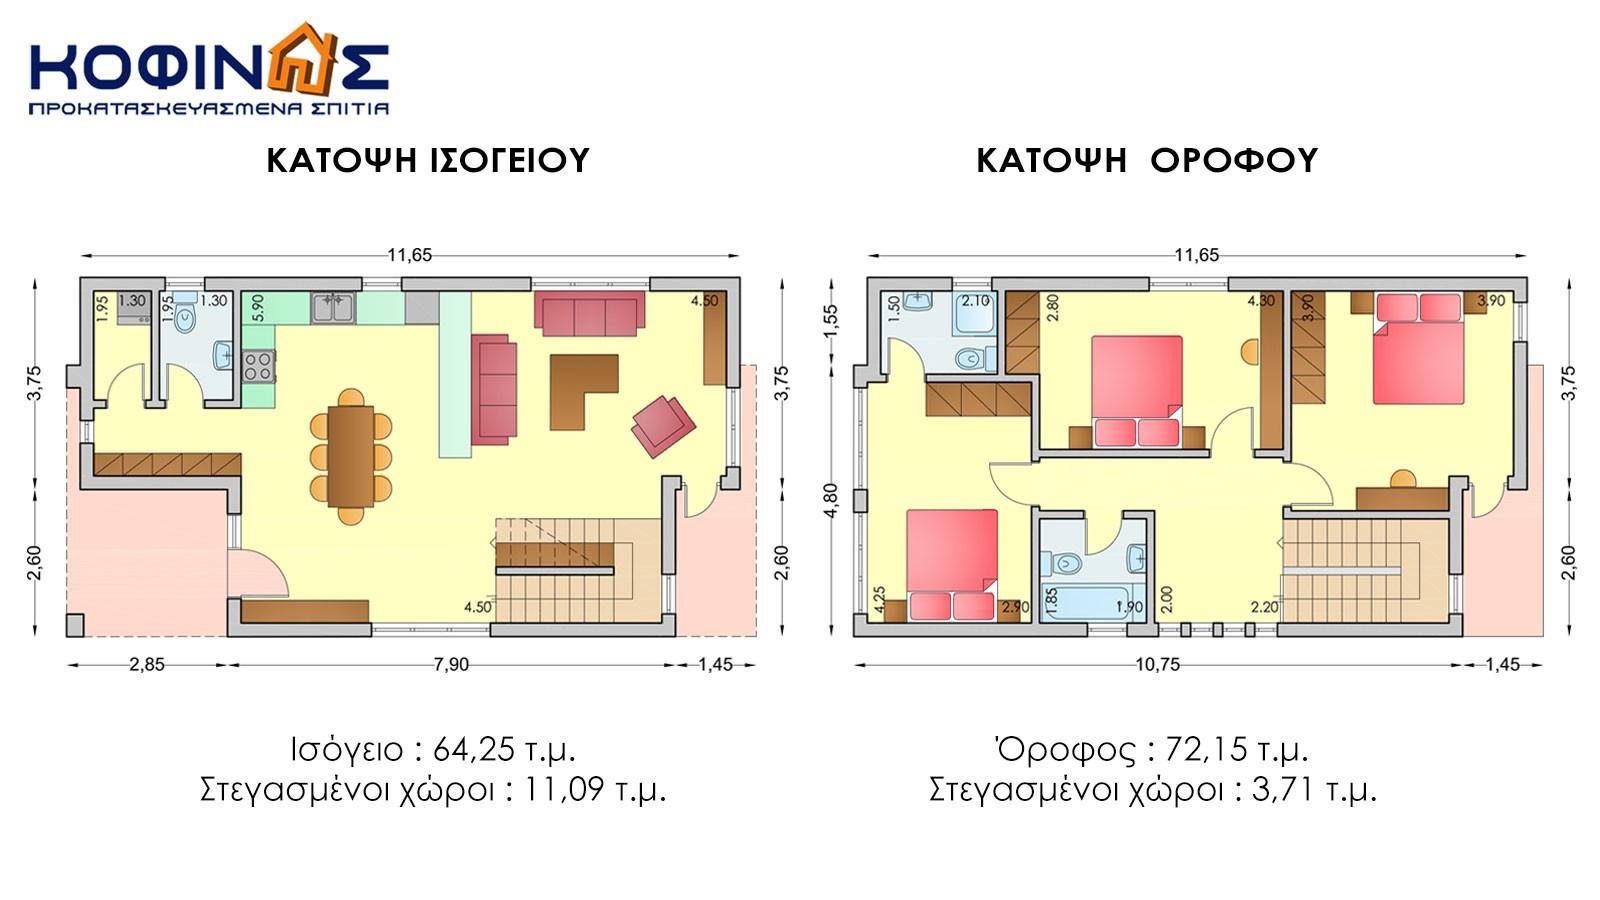 Συγκρότημα κατοικιών E-136, συνολικής επιφάνειας 3 x 136,39 = 409,17 τ.μ.